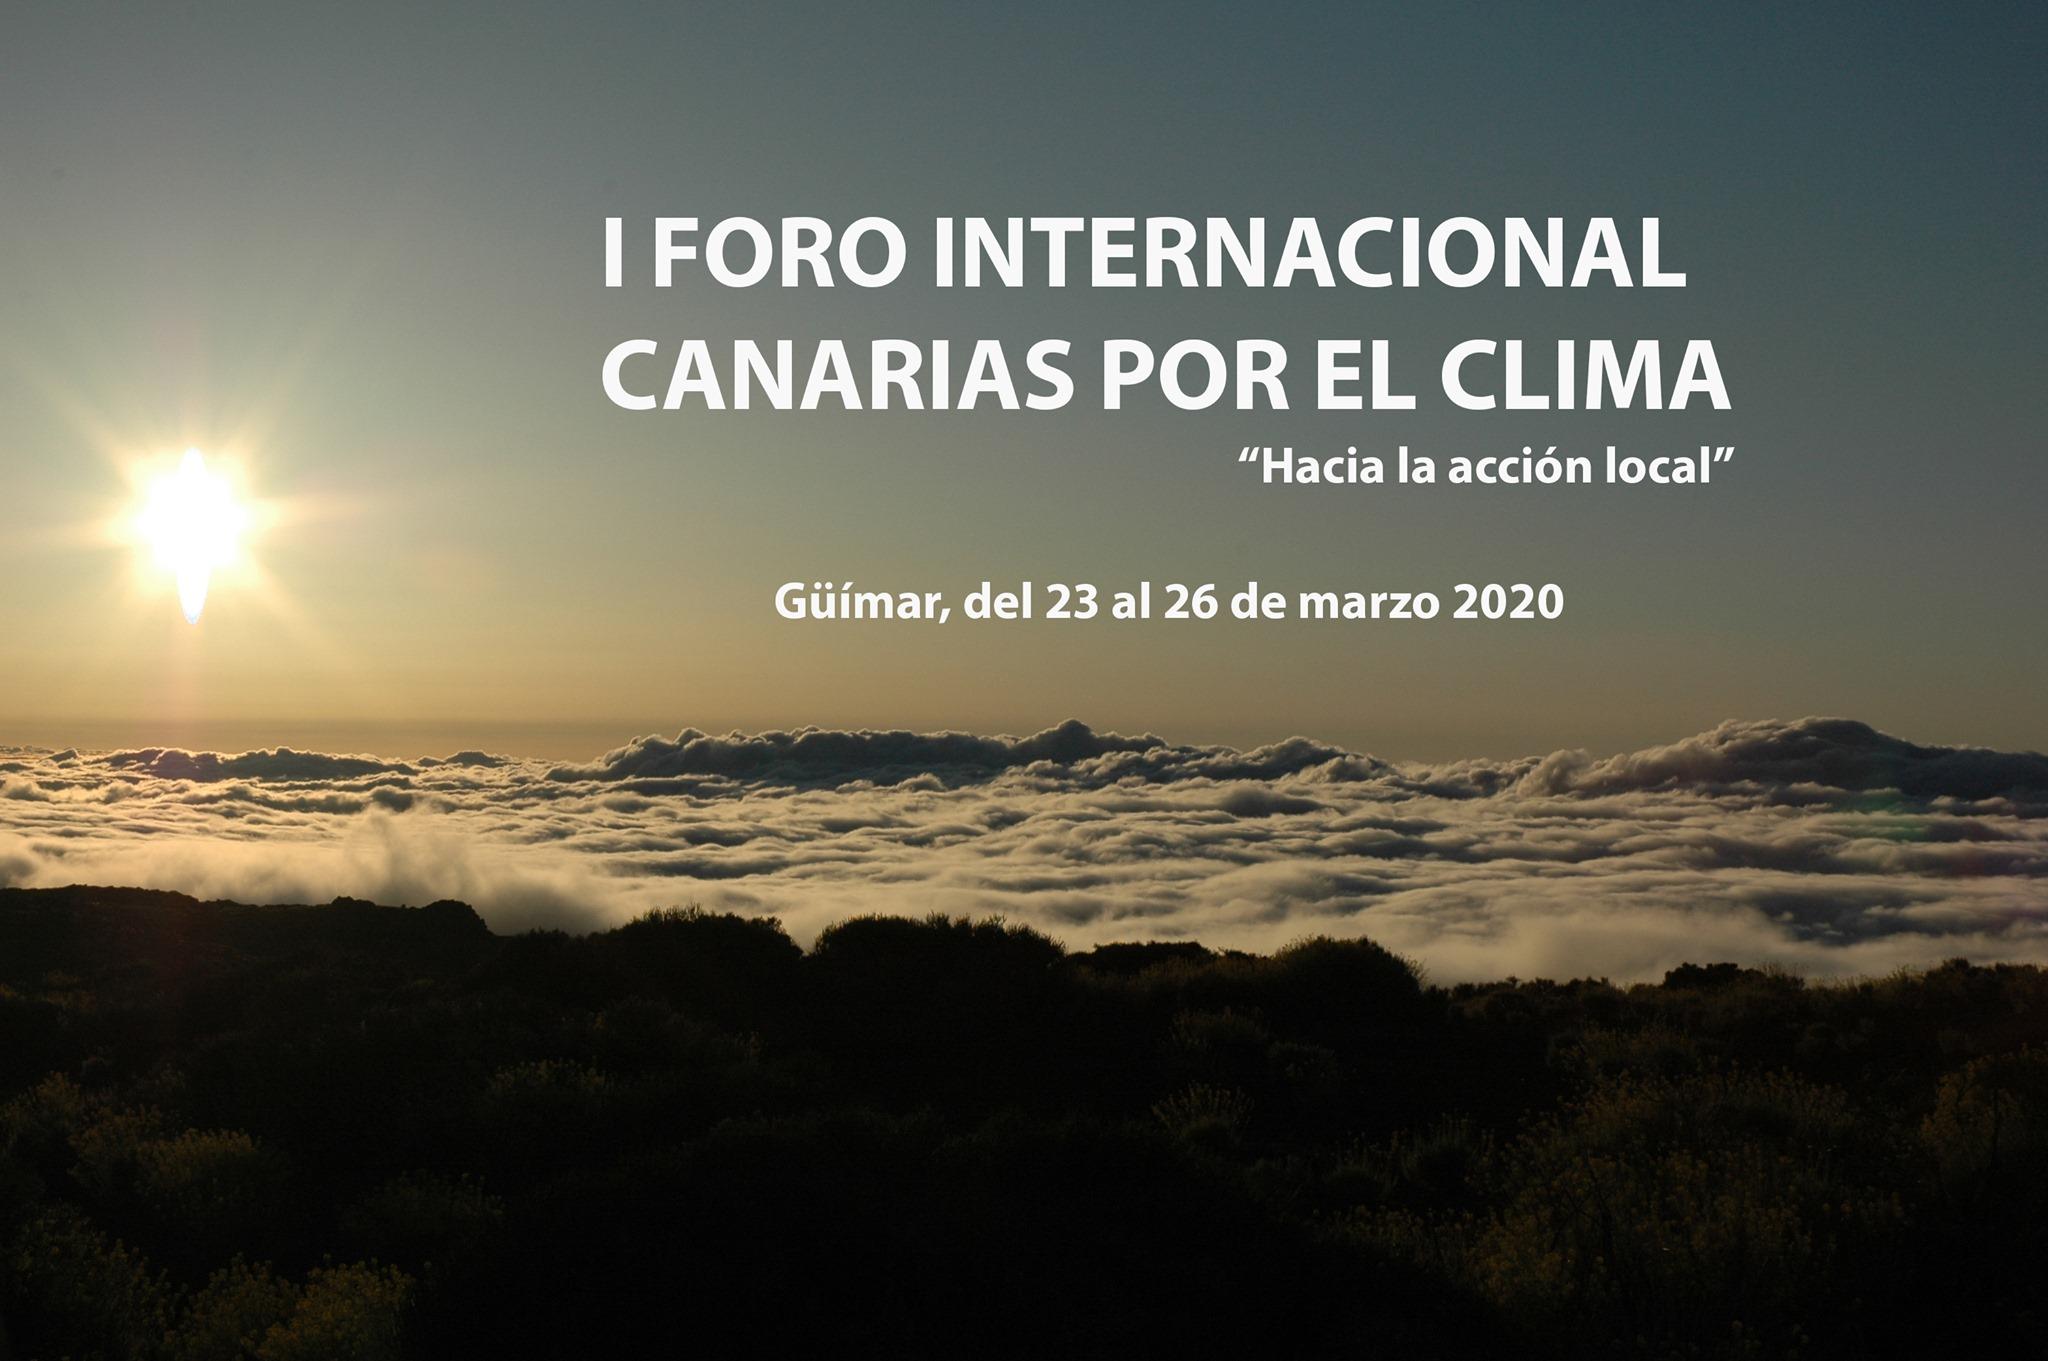 Tenerife acoge el primer Foro Internacional Canarias por el Clima.